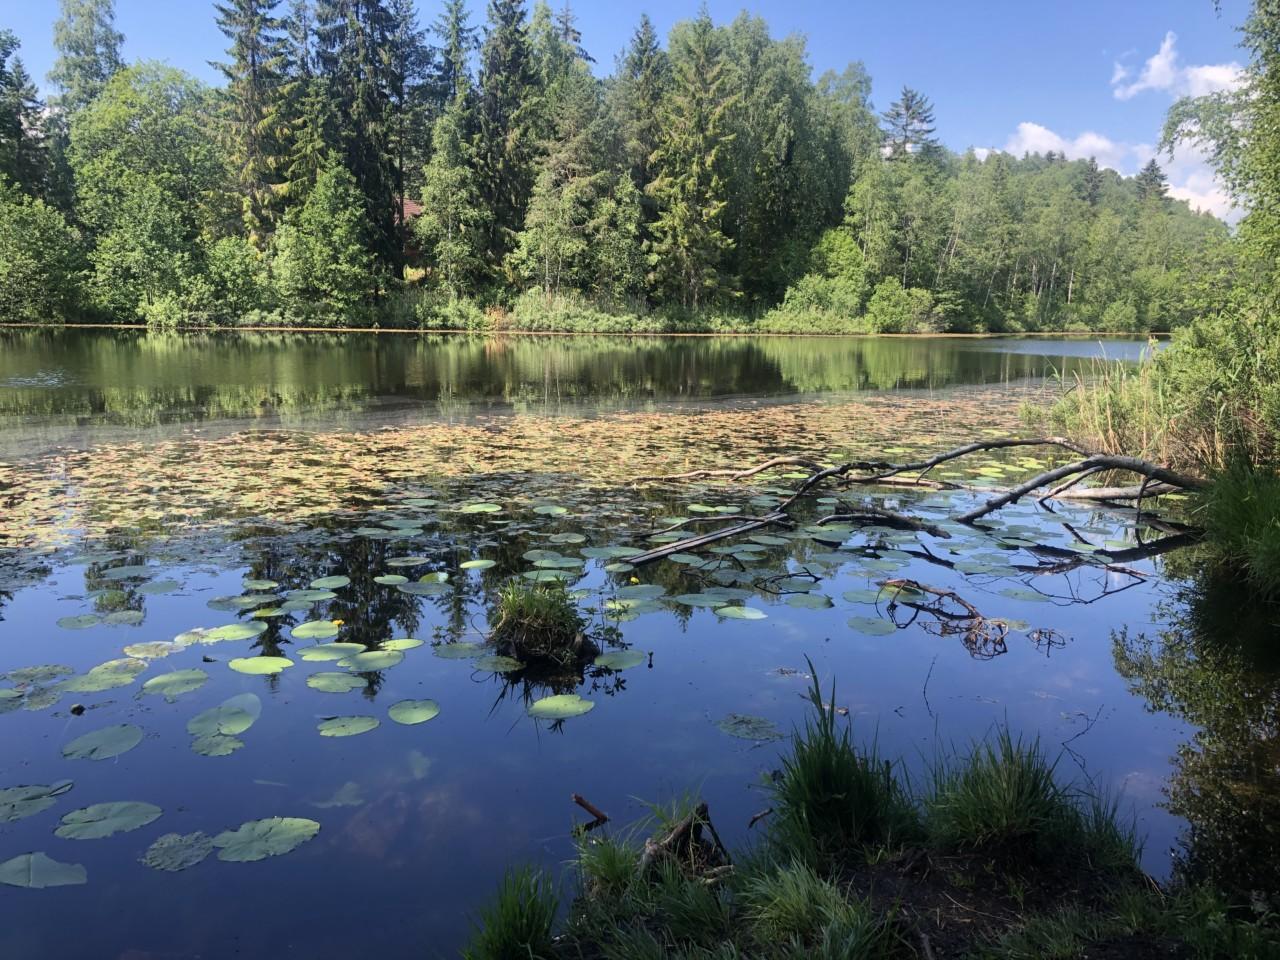 skoklefalltjernet-vannliljer-blabarstien-skog-nesodden-love